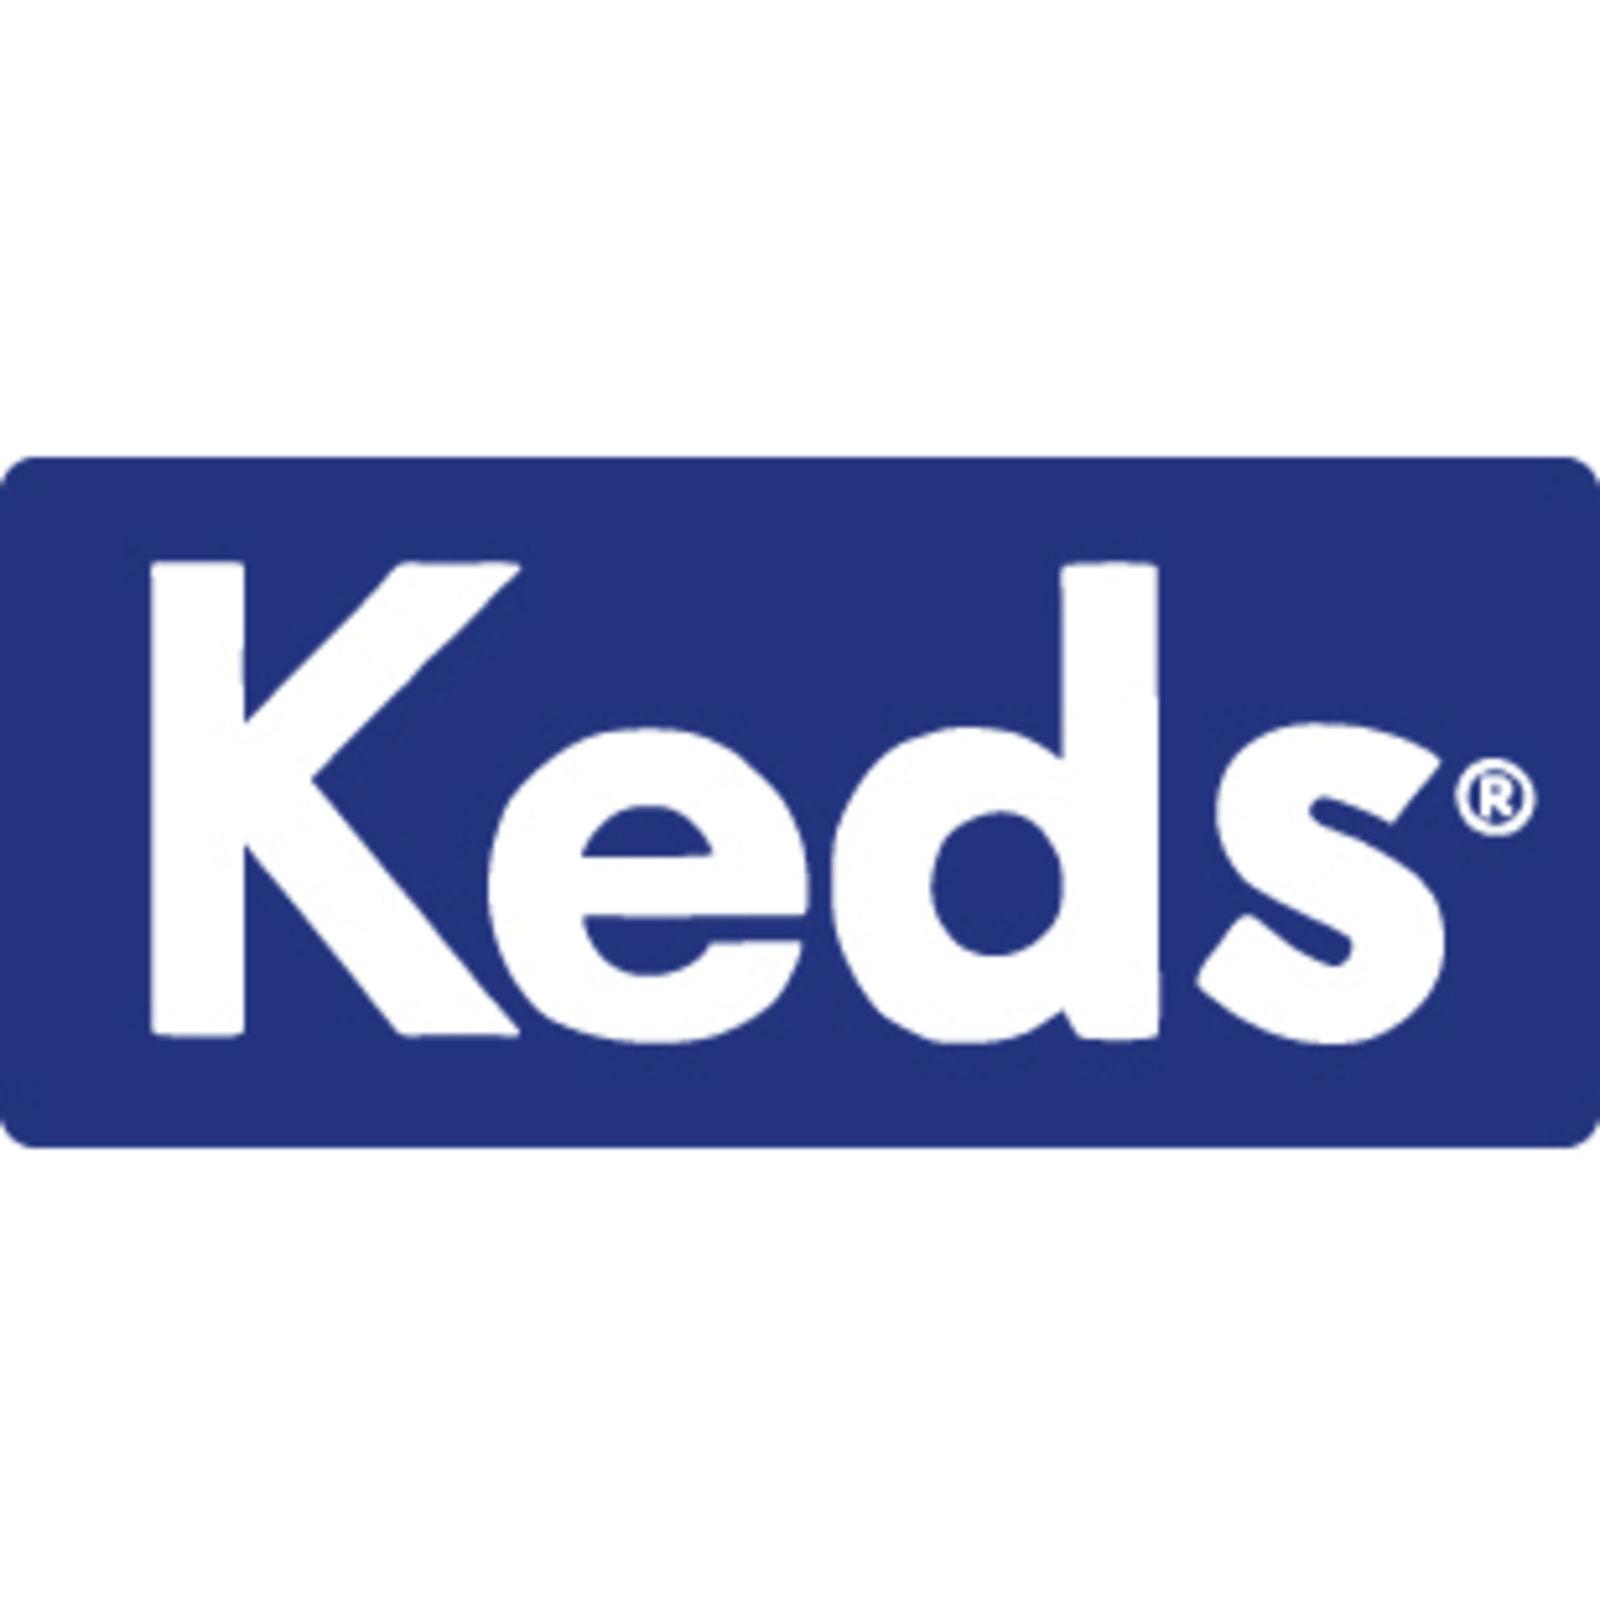 Keds (Bild 1)